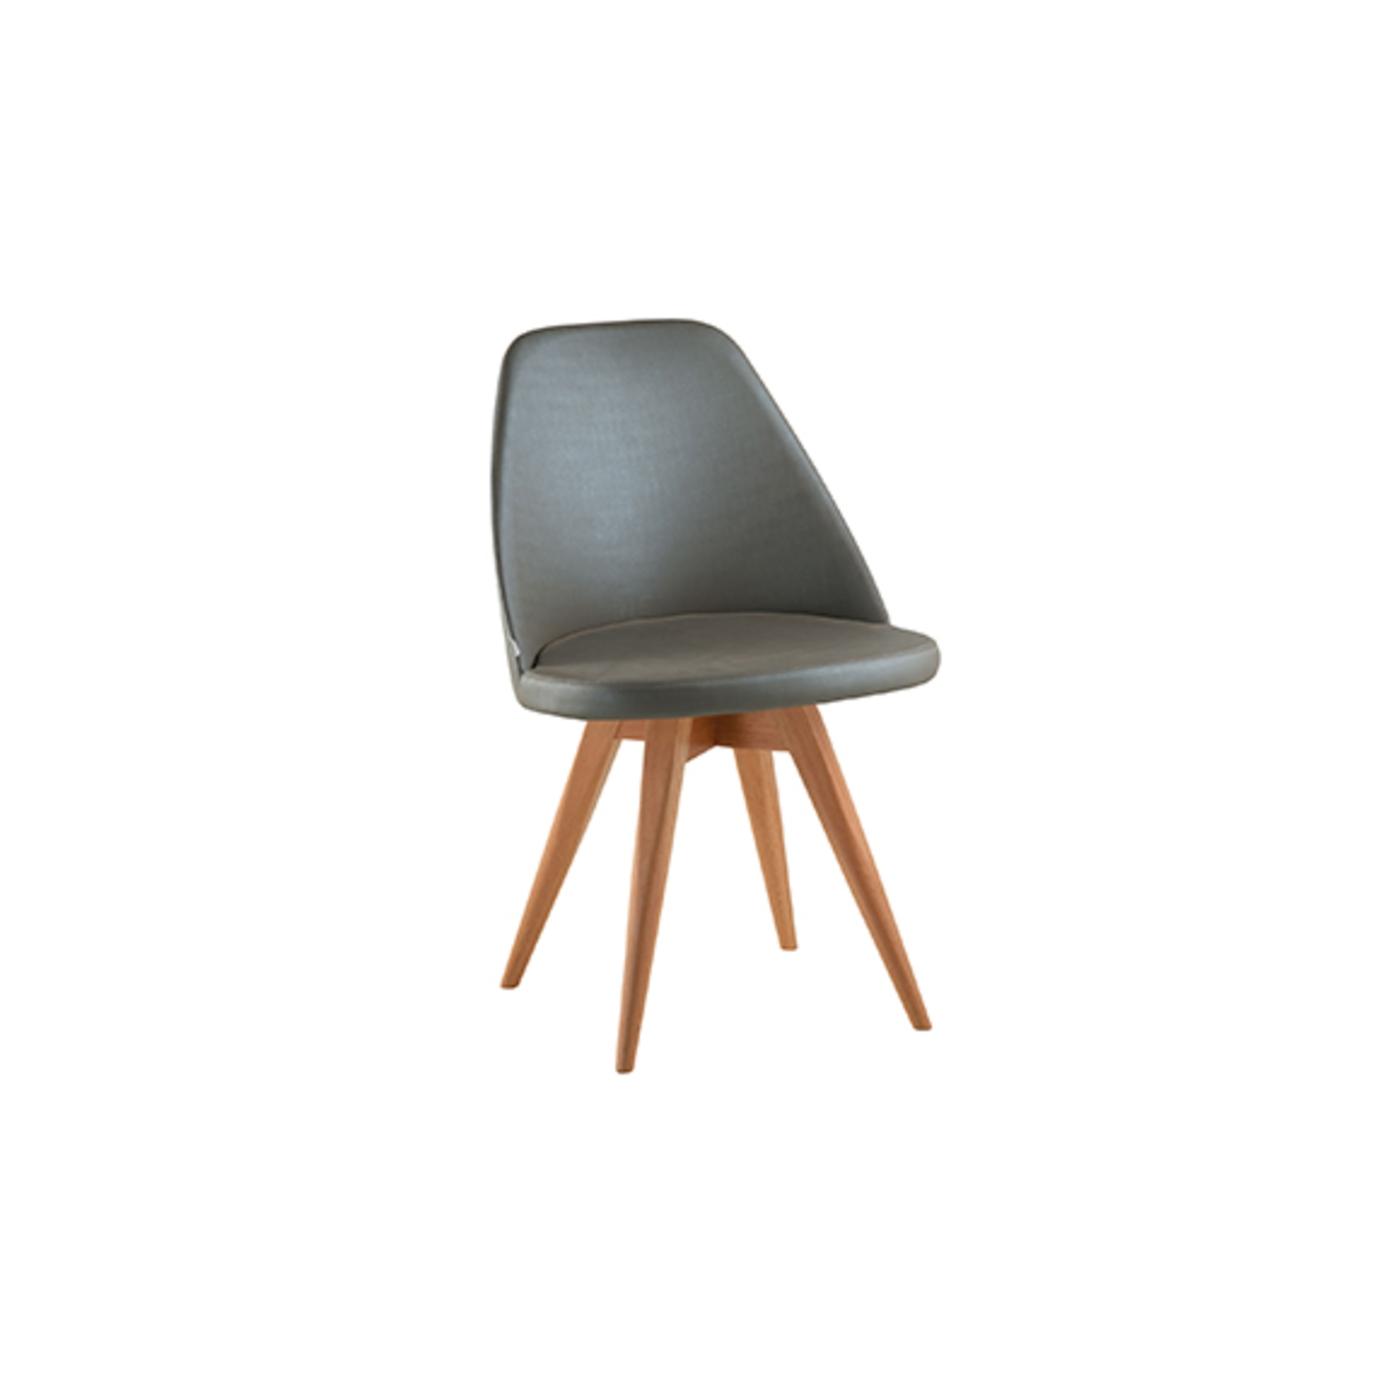 Image of: Cadeira Lia Decoraclic Decora Tudo Em Um Clic